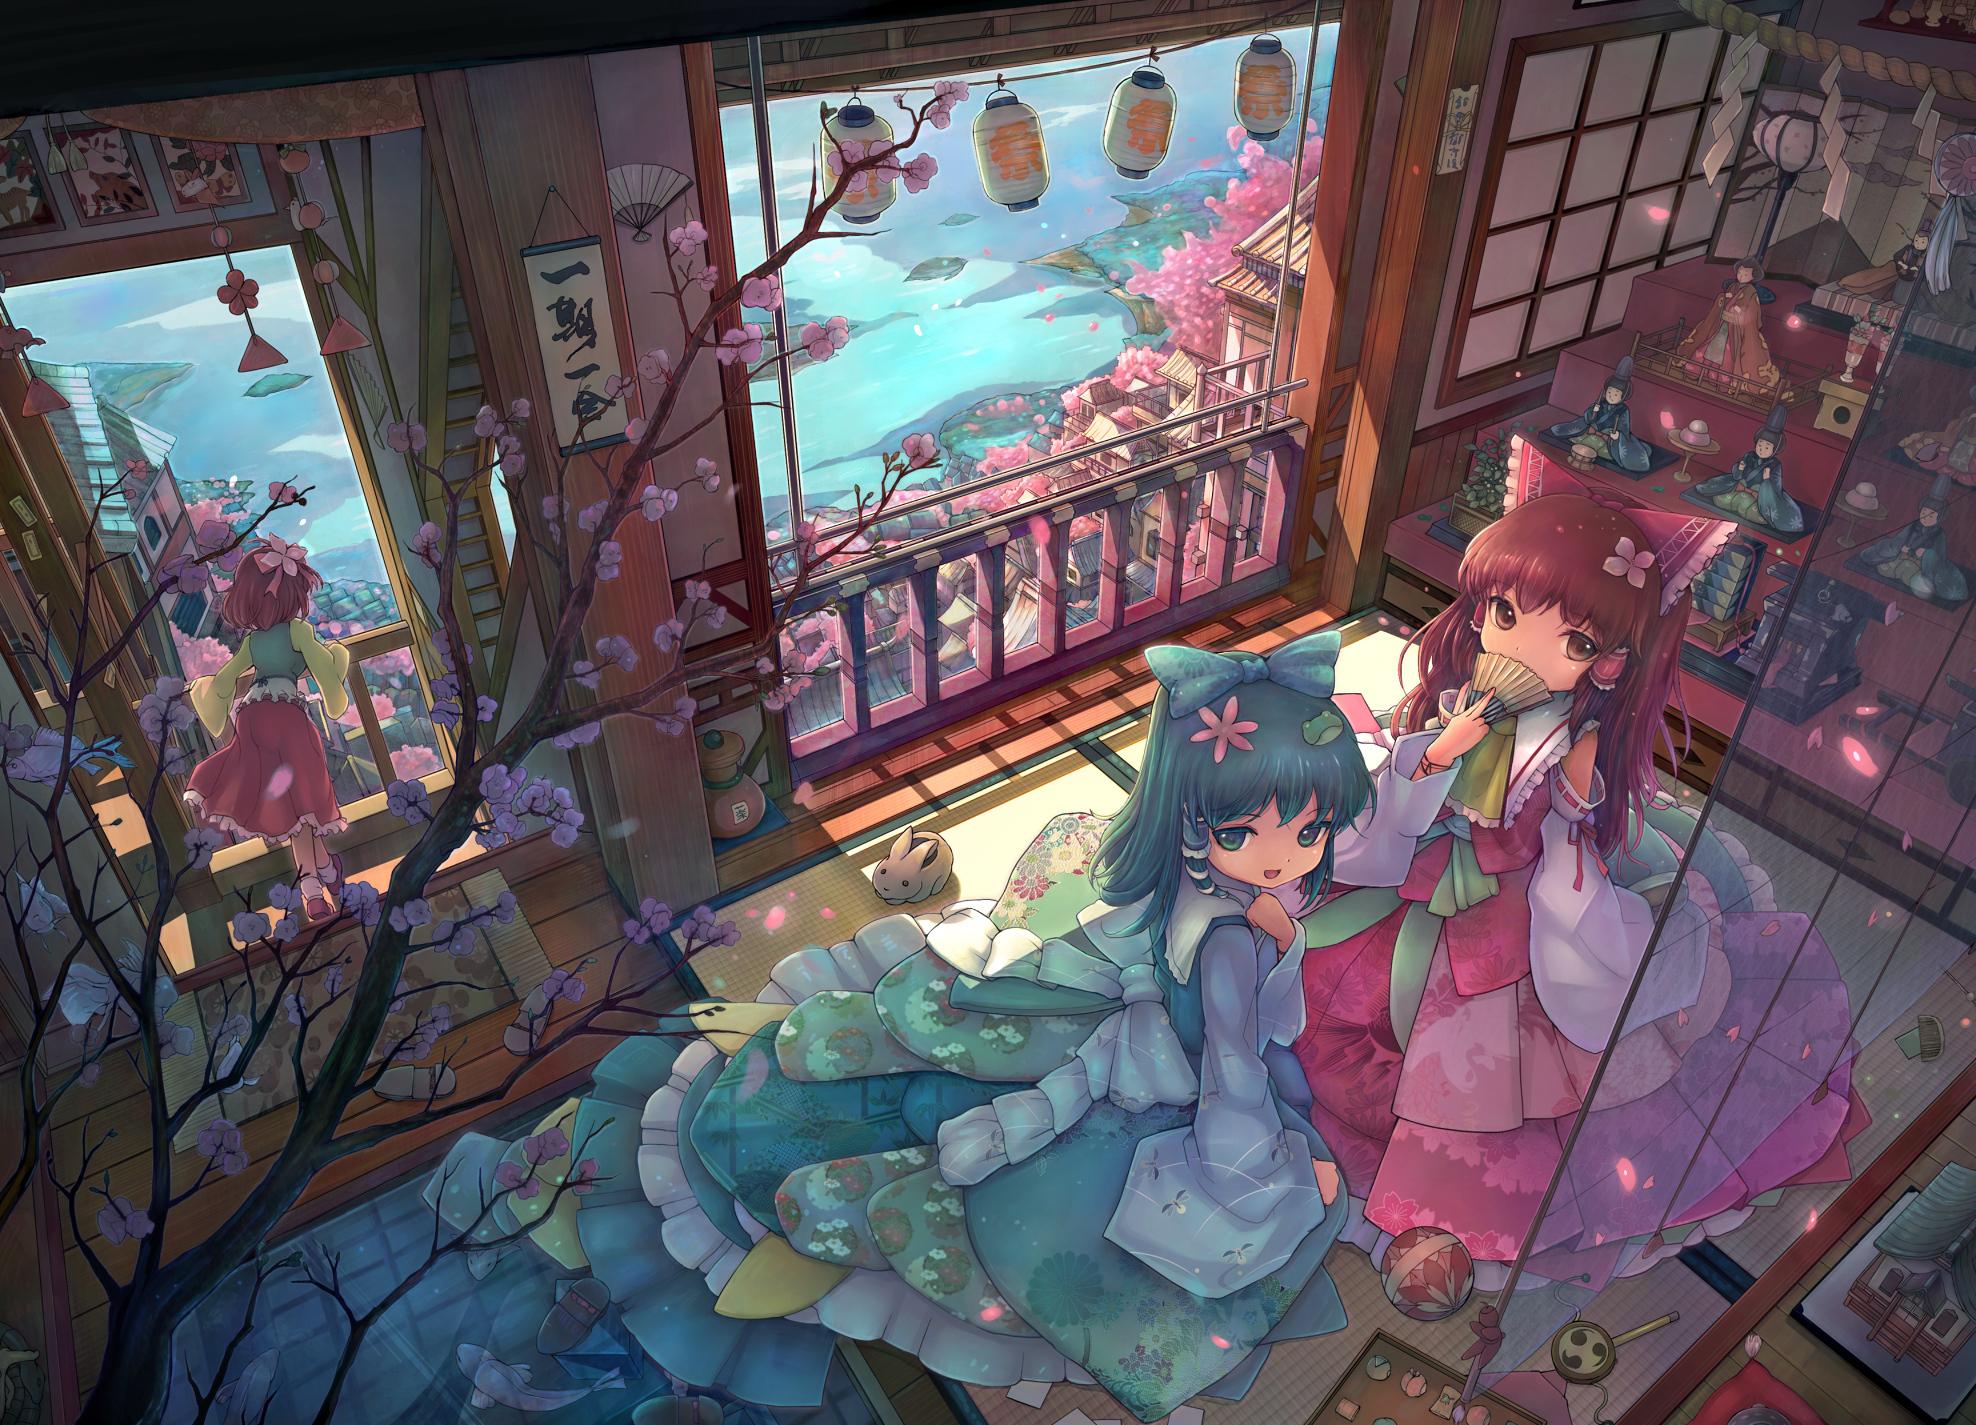 Anime - Touhou  Sanae Kochiya Reimu Hakurei Wallpaper